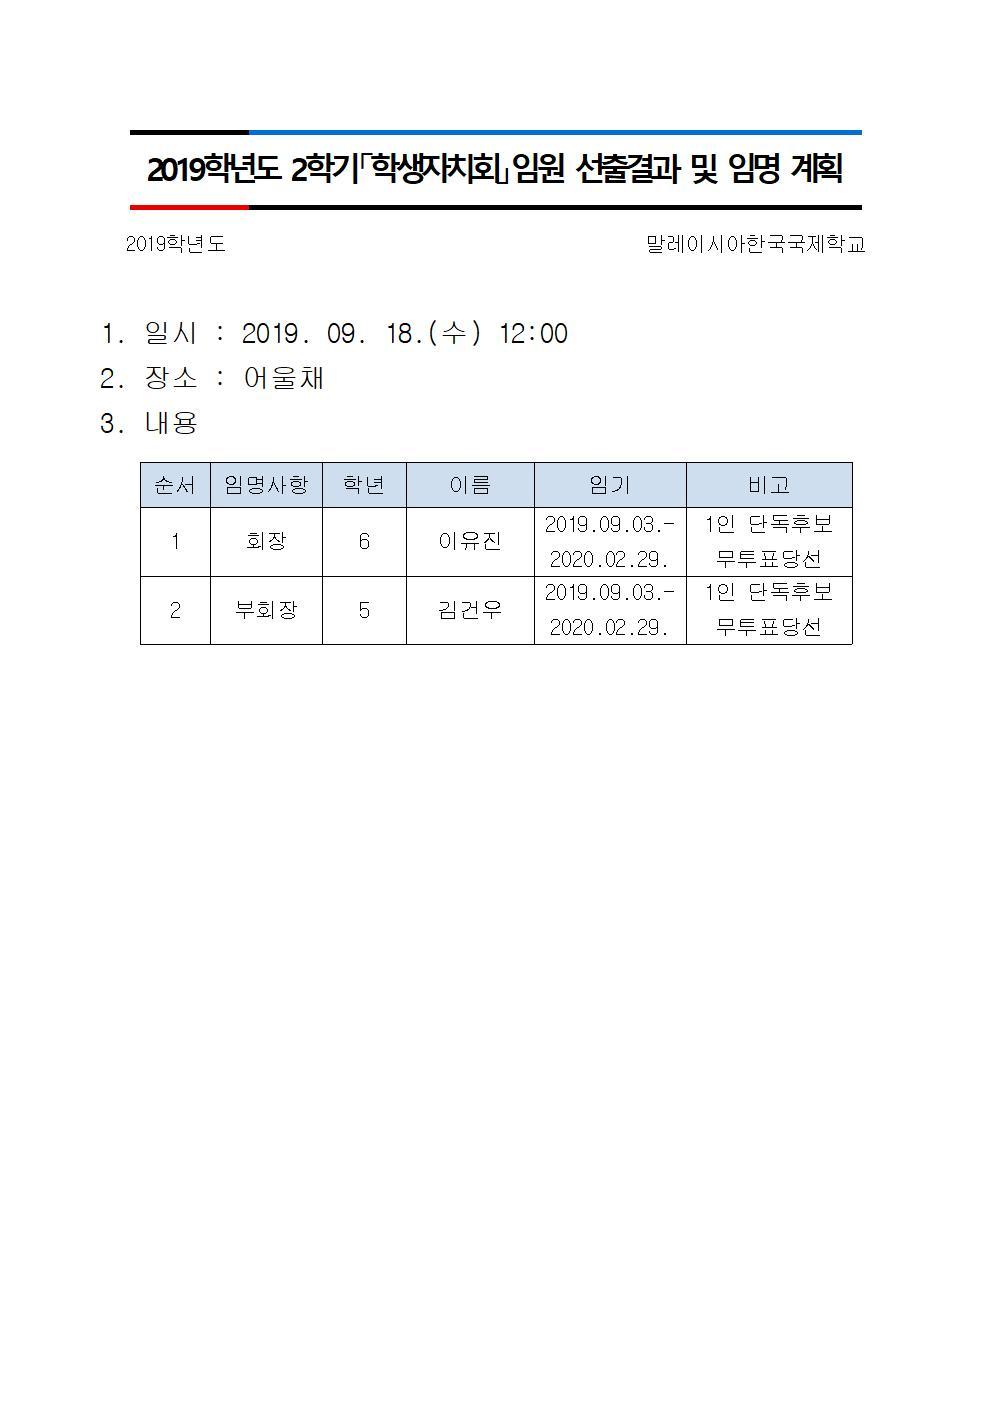 2019학년도 2학기 학생자치회 임원 선출결과001.jpg